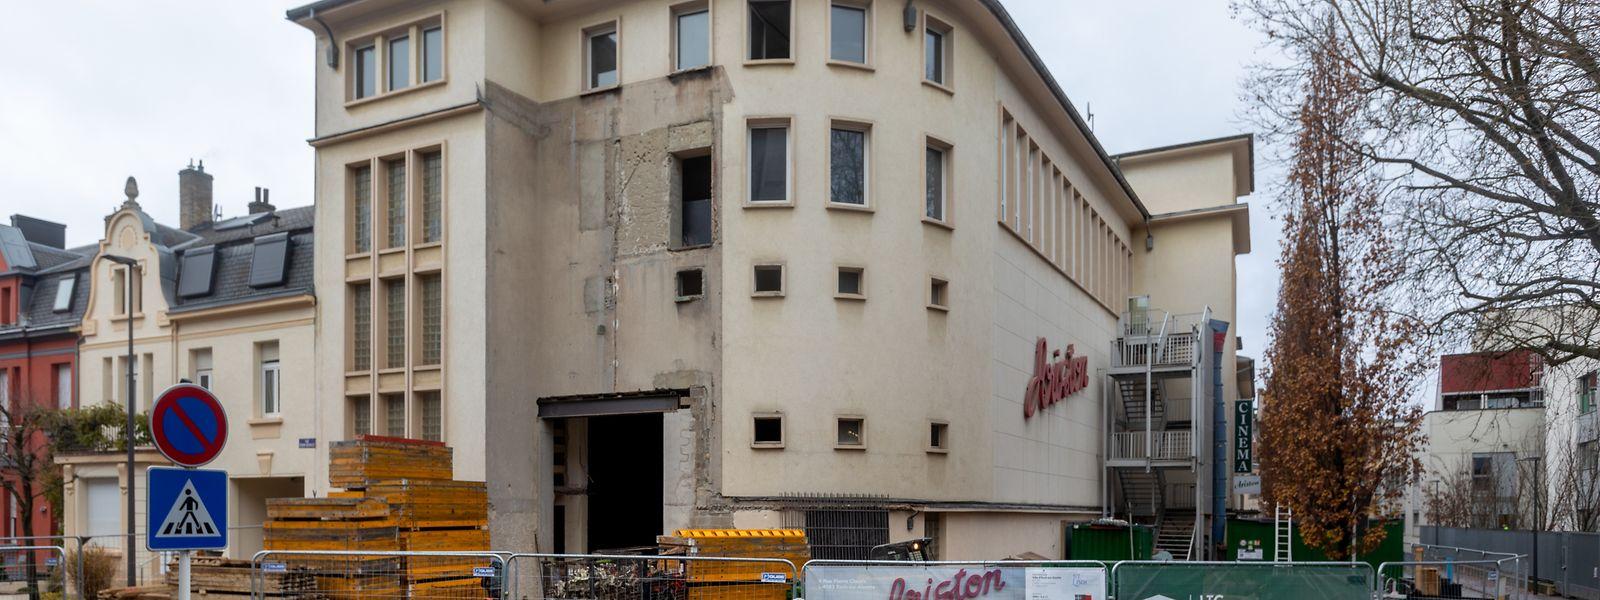 Ins Ariston werden 2021 sechs Millionen Euro investiert. Unter anderem wird im ehemaligen Kino eine Theaterbühne errichtet, mit dem Ziel, für Esch 2022 wiedereröffnen zu können.